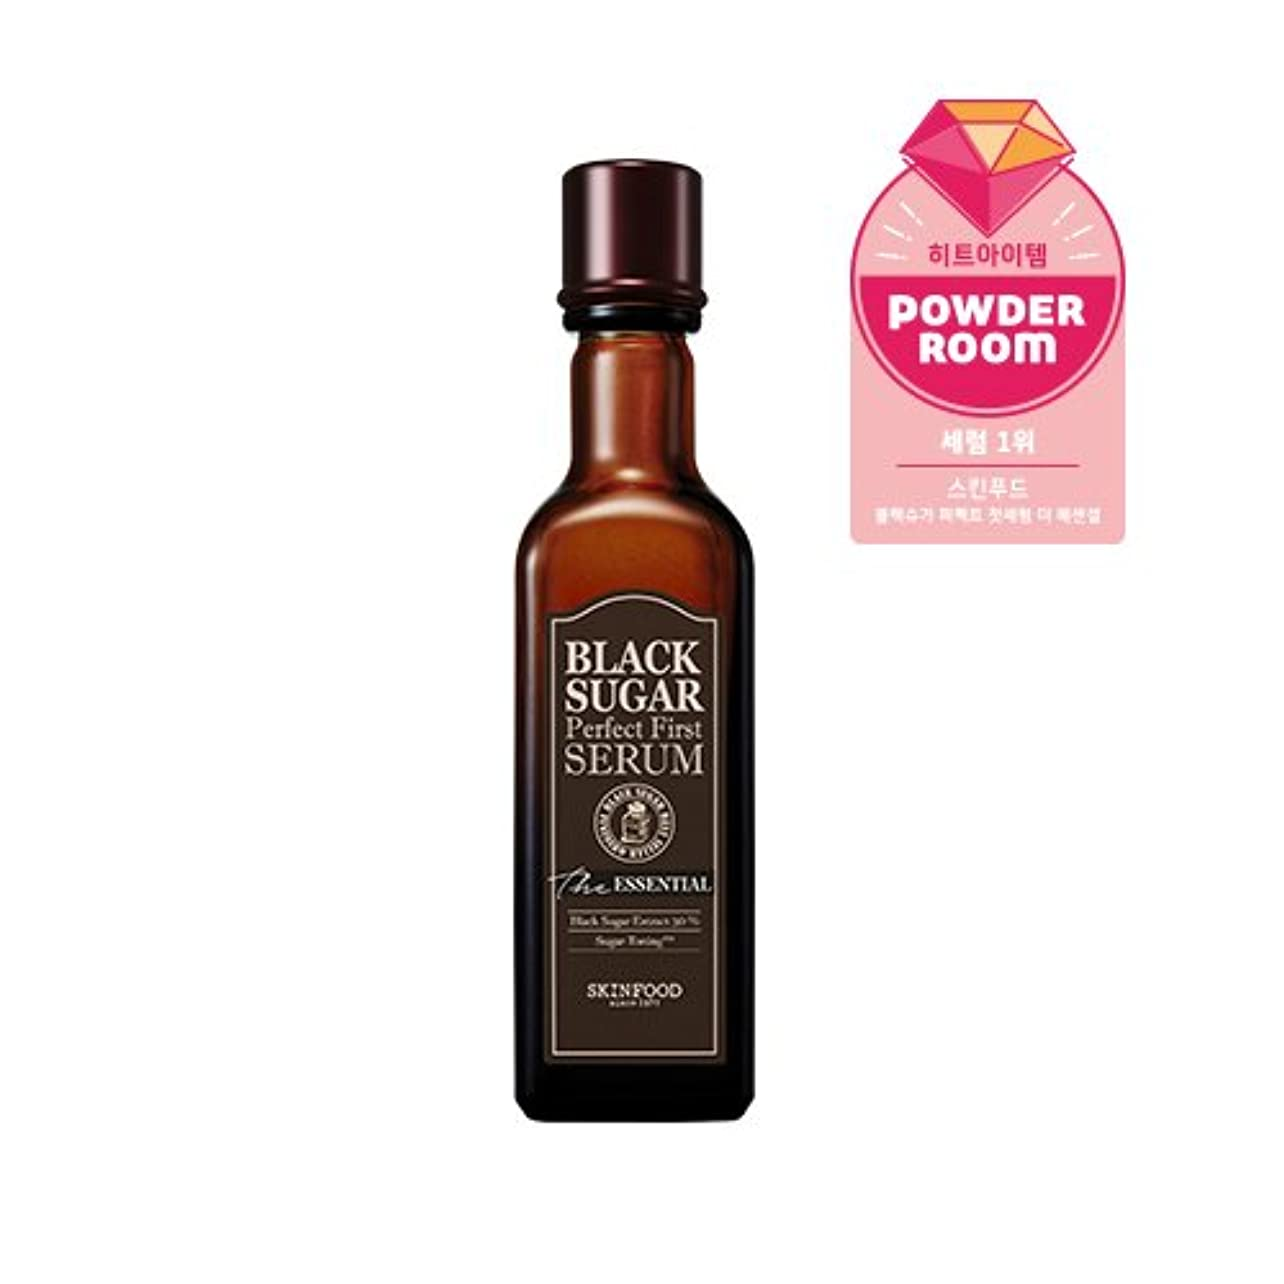 かかわらずヨーロッパ限りなくSkinfood black sugar perfect first serum the essential/黒糖完璧な最初の血清必須/120ml +60ea [並行輸入品]